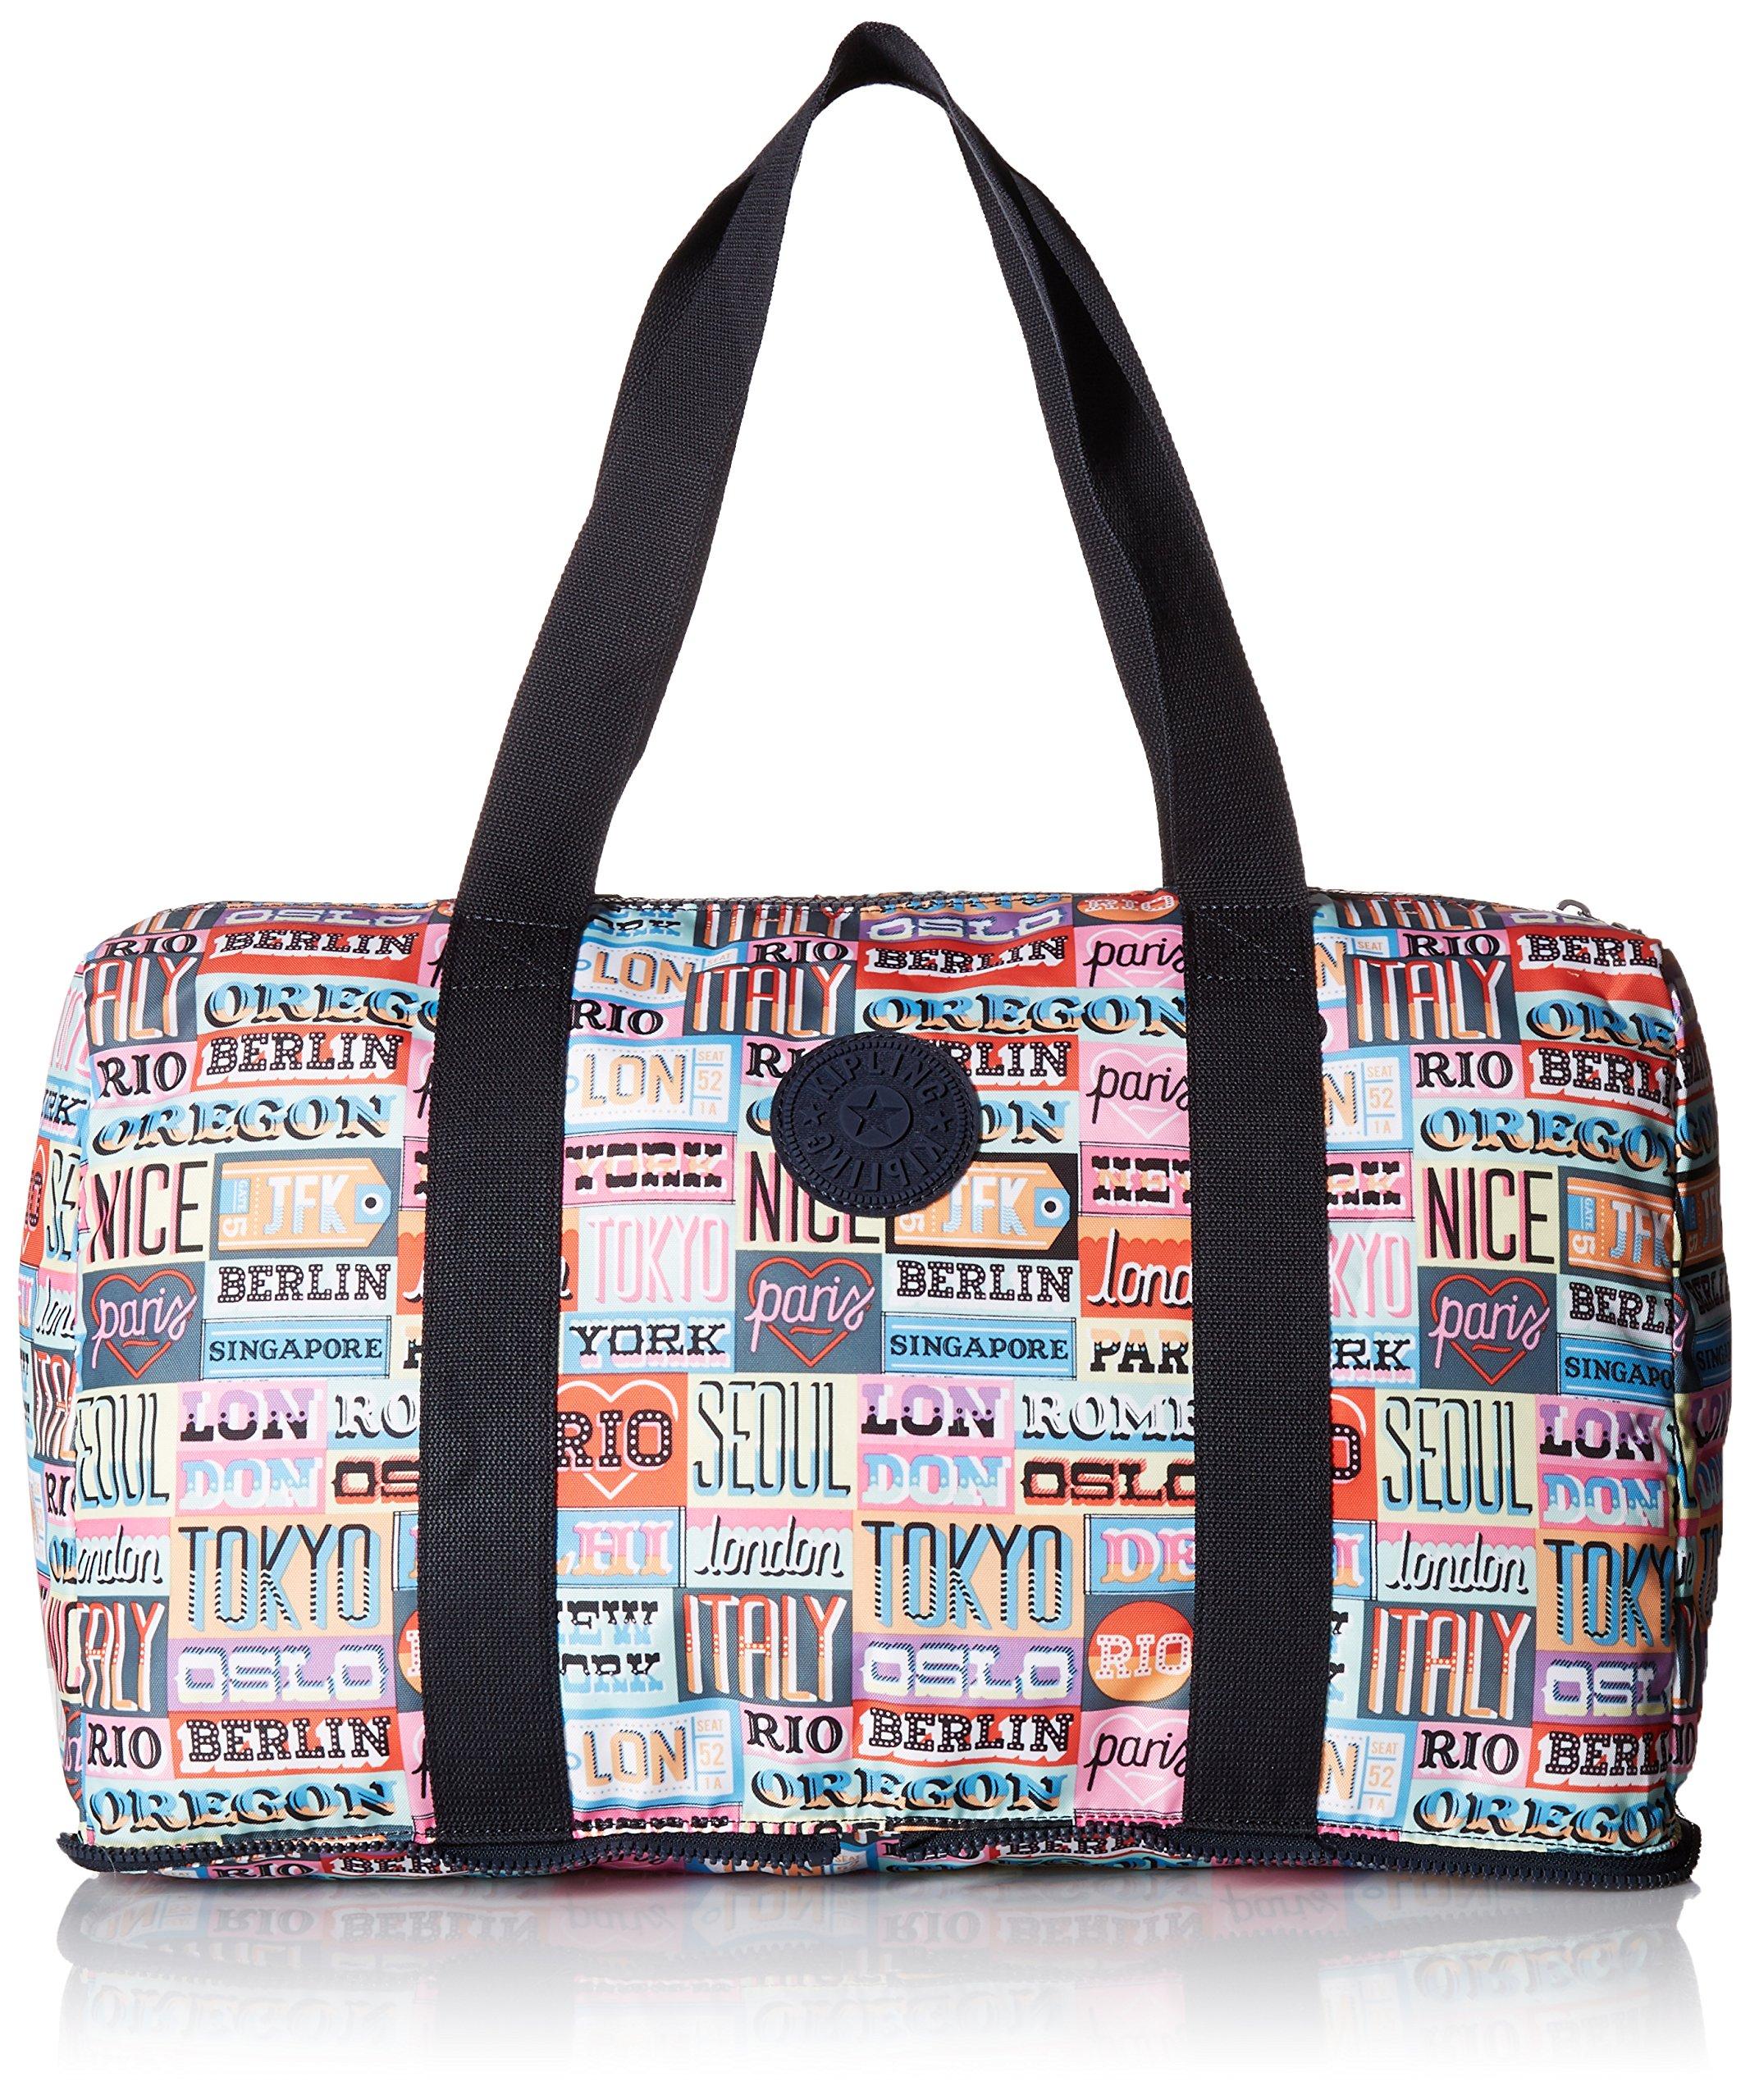 Kipling Women's Honest Printed Packable Duffle Bag, Hlloweeked by Kipling